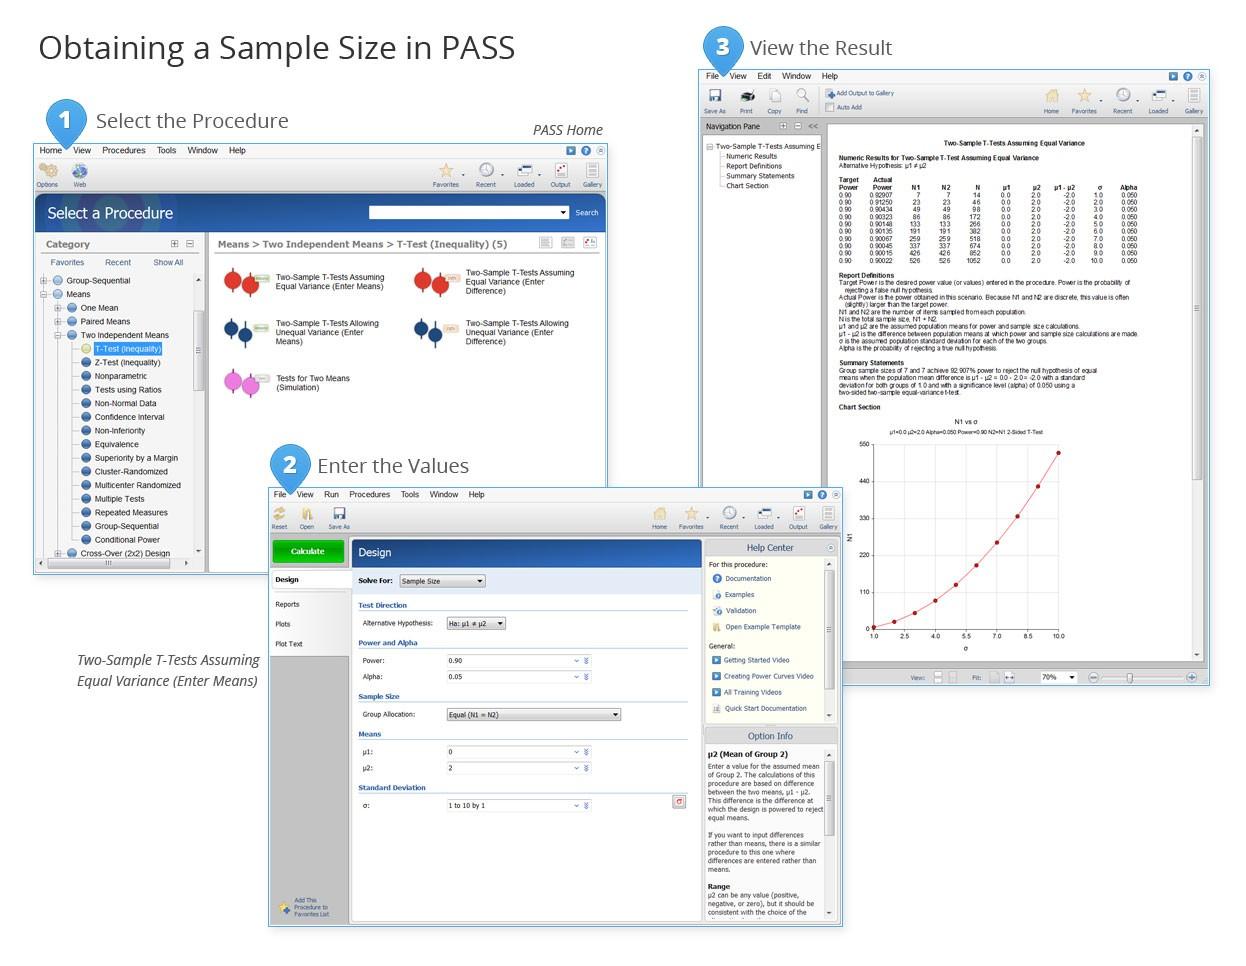 PASS预览:在PASS中获取样本大小